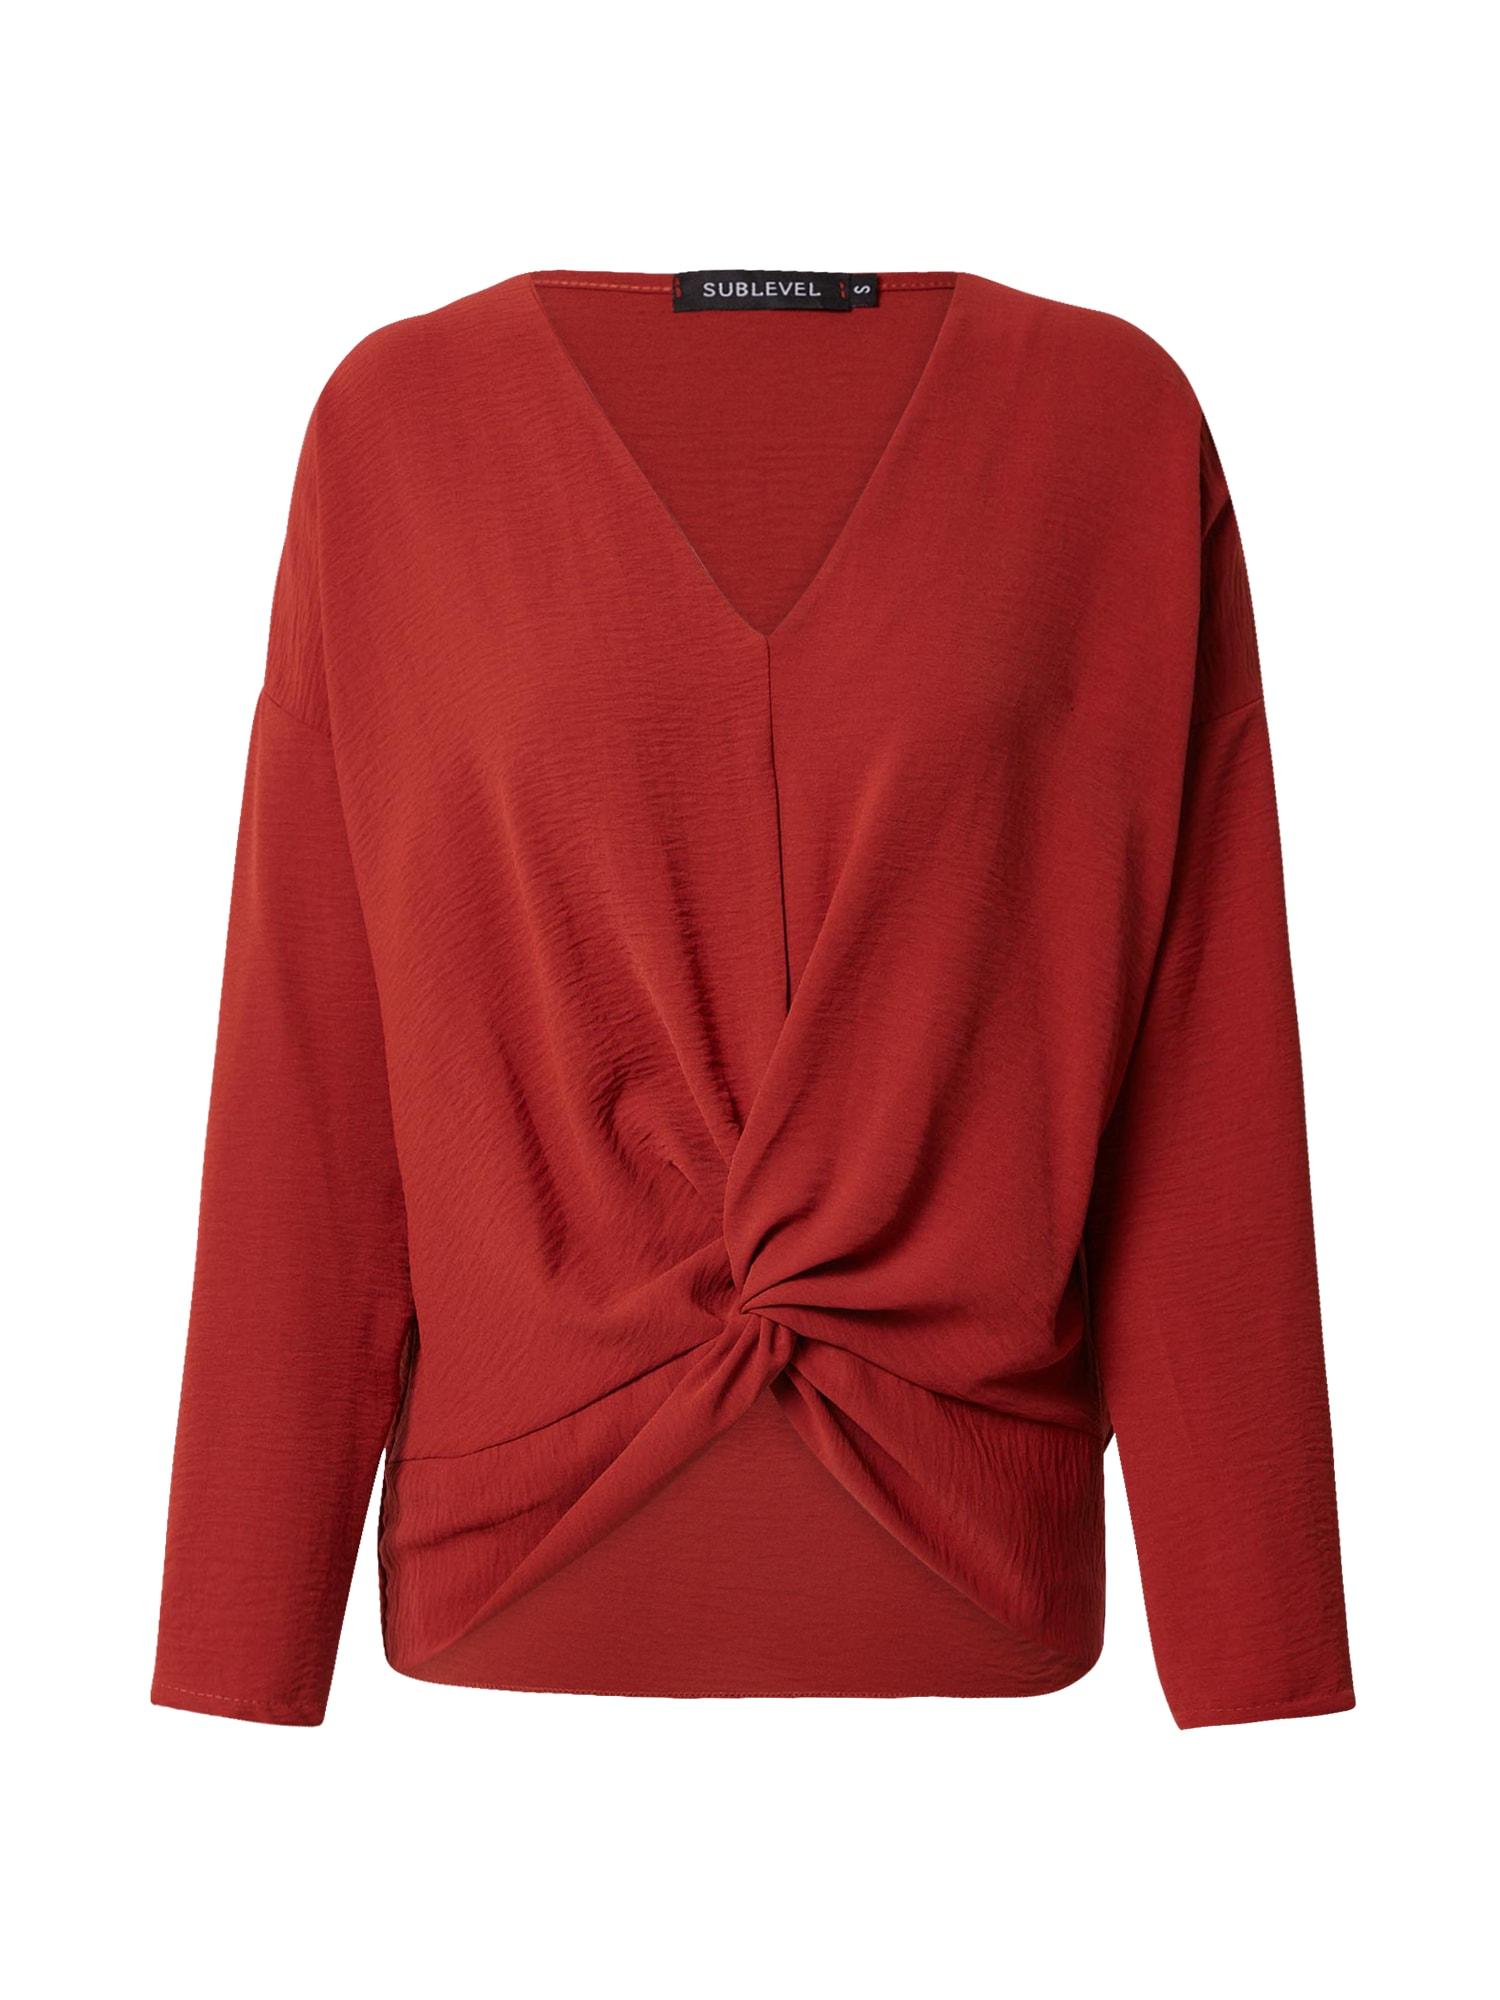 Sublevel Megztinis rūdžių raudona